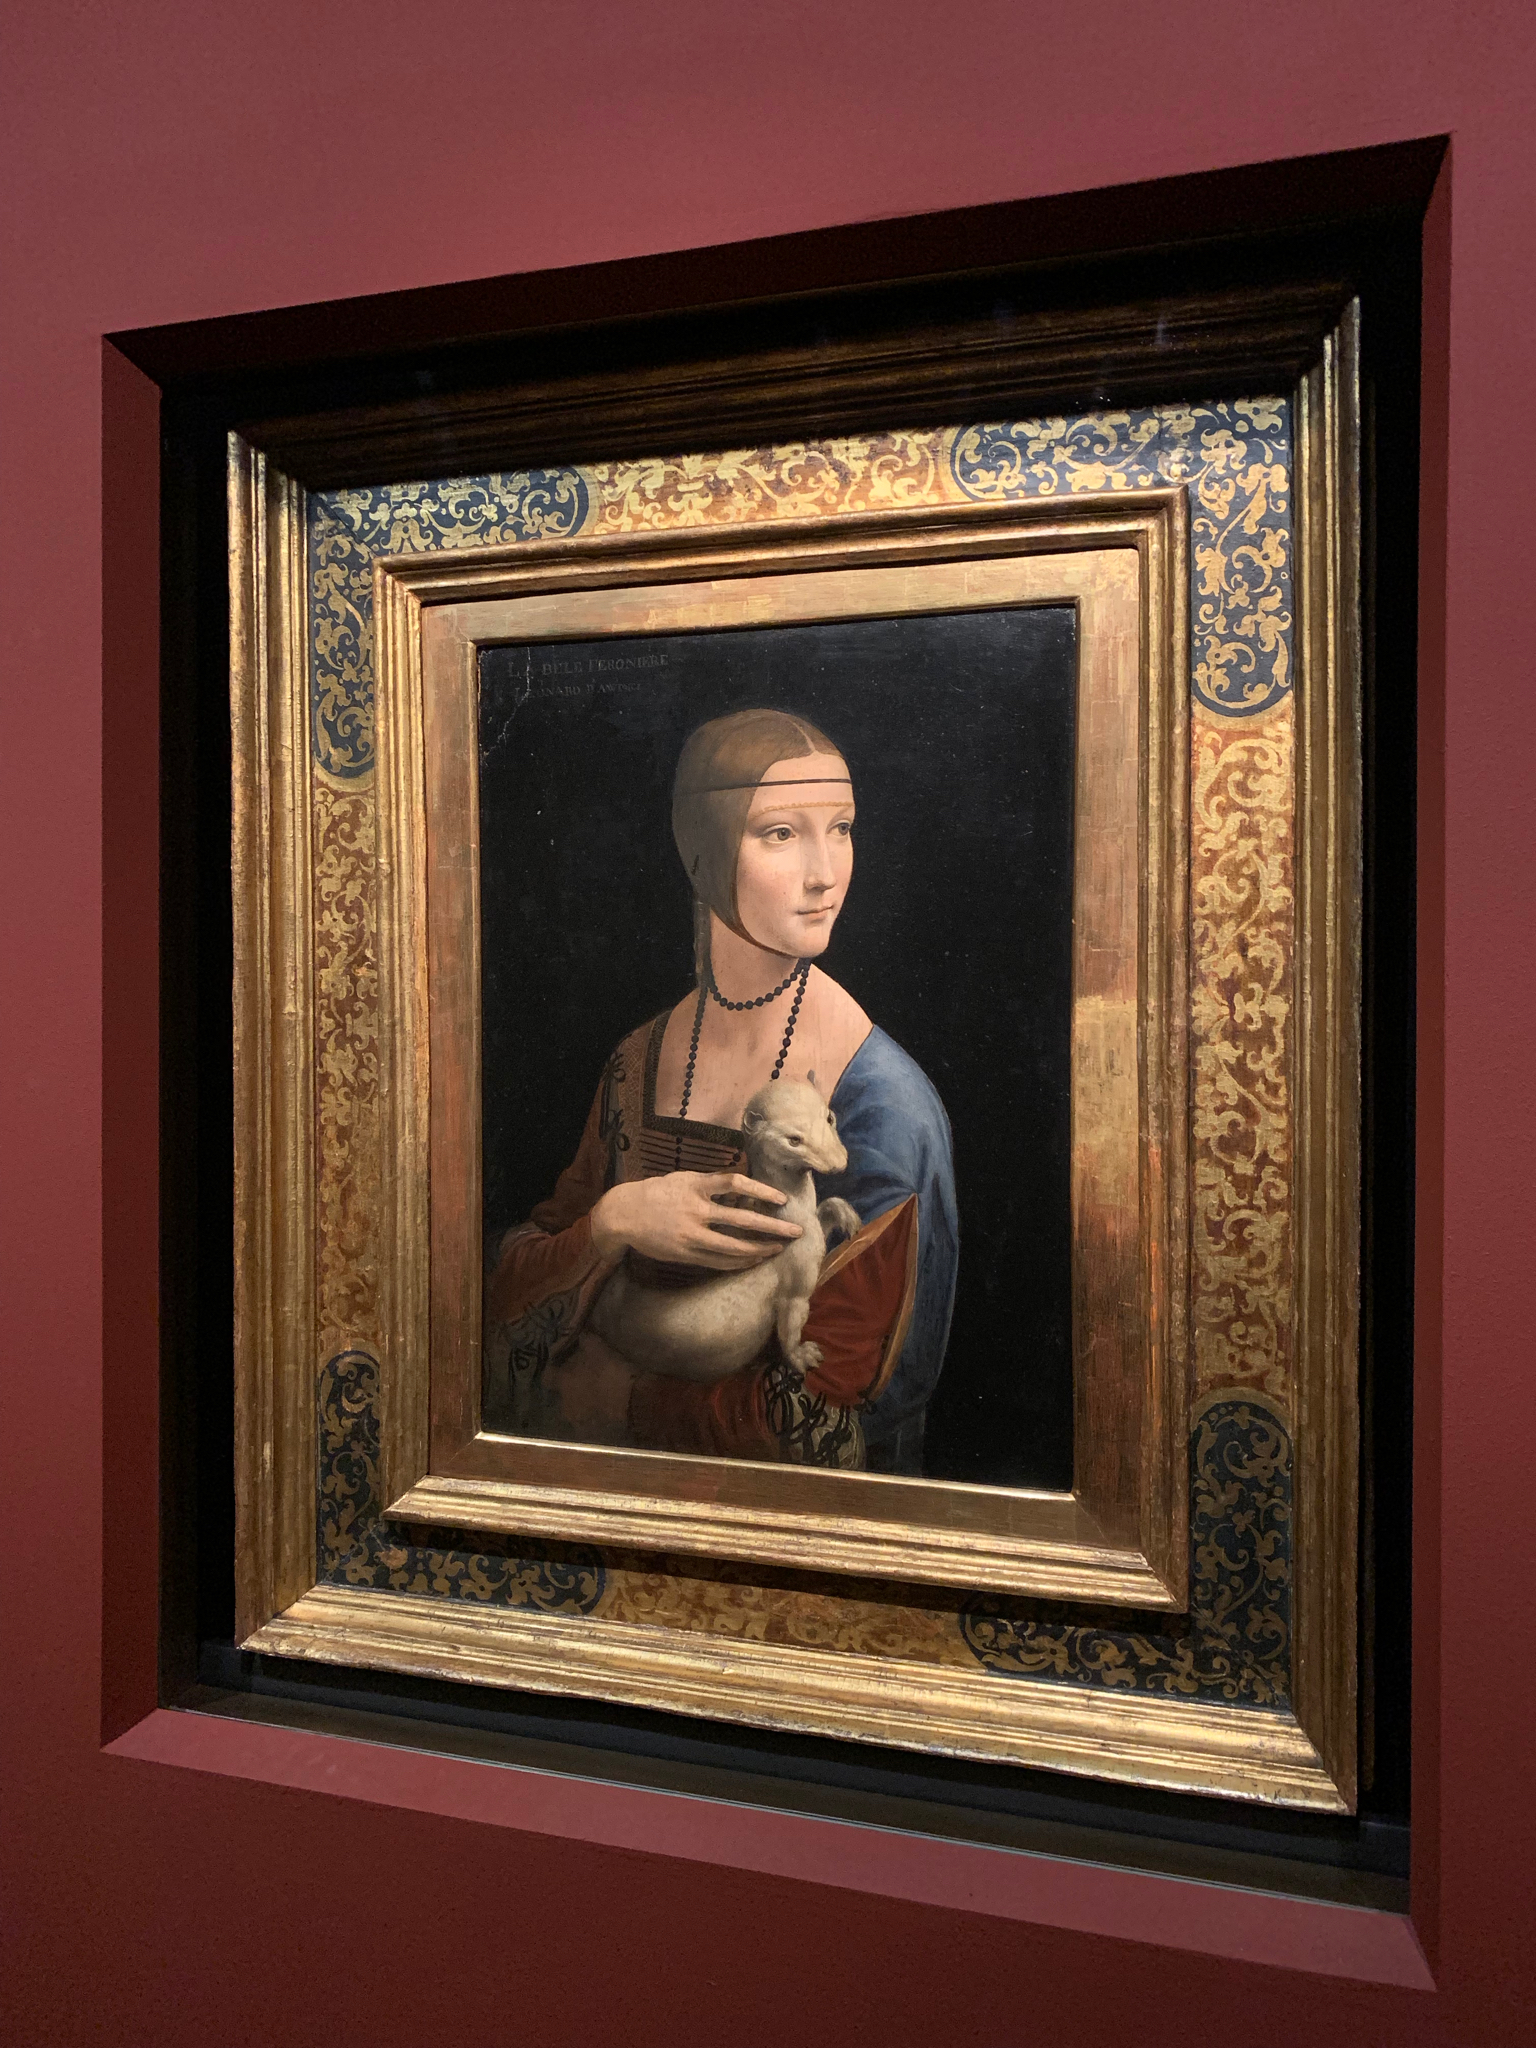 Leonardo. Le opere, al cinema l'arte di Leonardo da Vinci in ULTRA HD